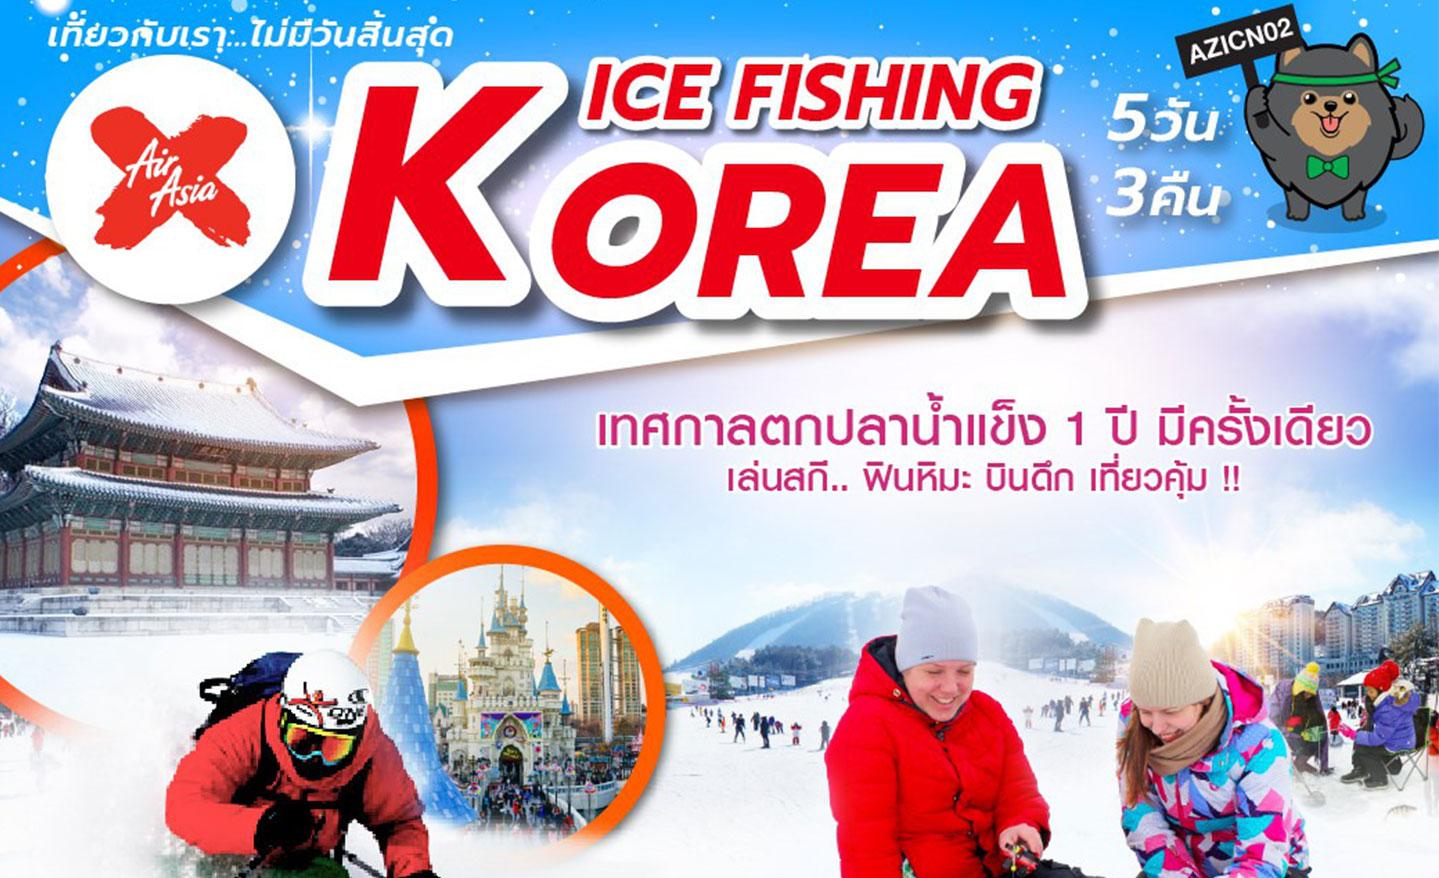 ทัวร์เกาหลี Ice Fishing Korea (ม.ค.-ก.พ.62)